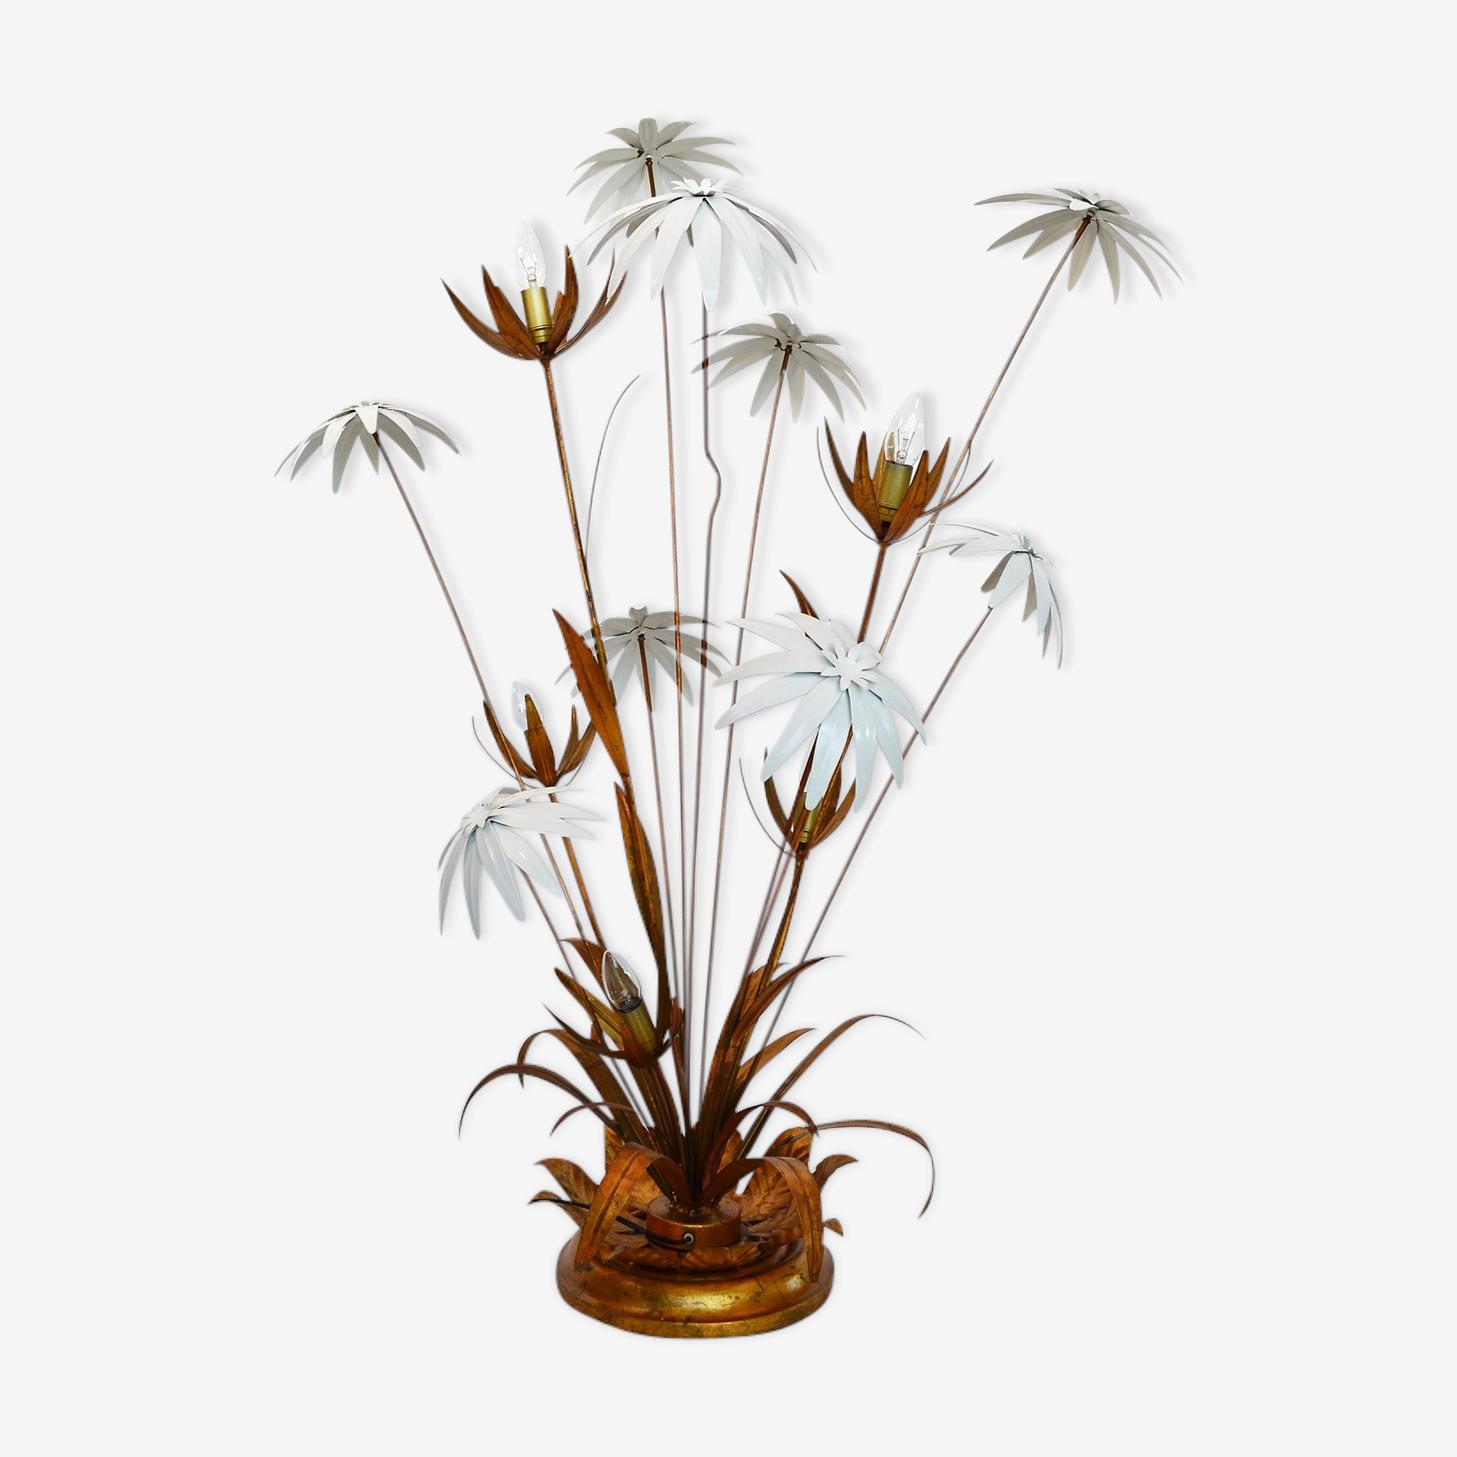 Lampadaire avec des fleurs blanches et or par Hans Kogl, années 1970